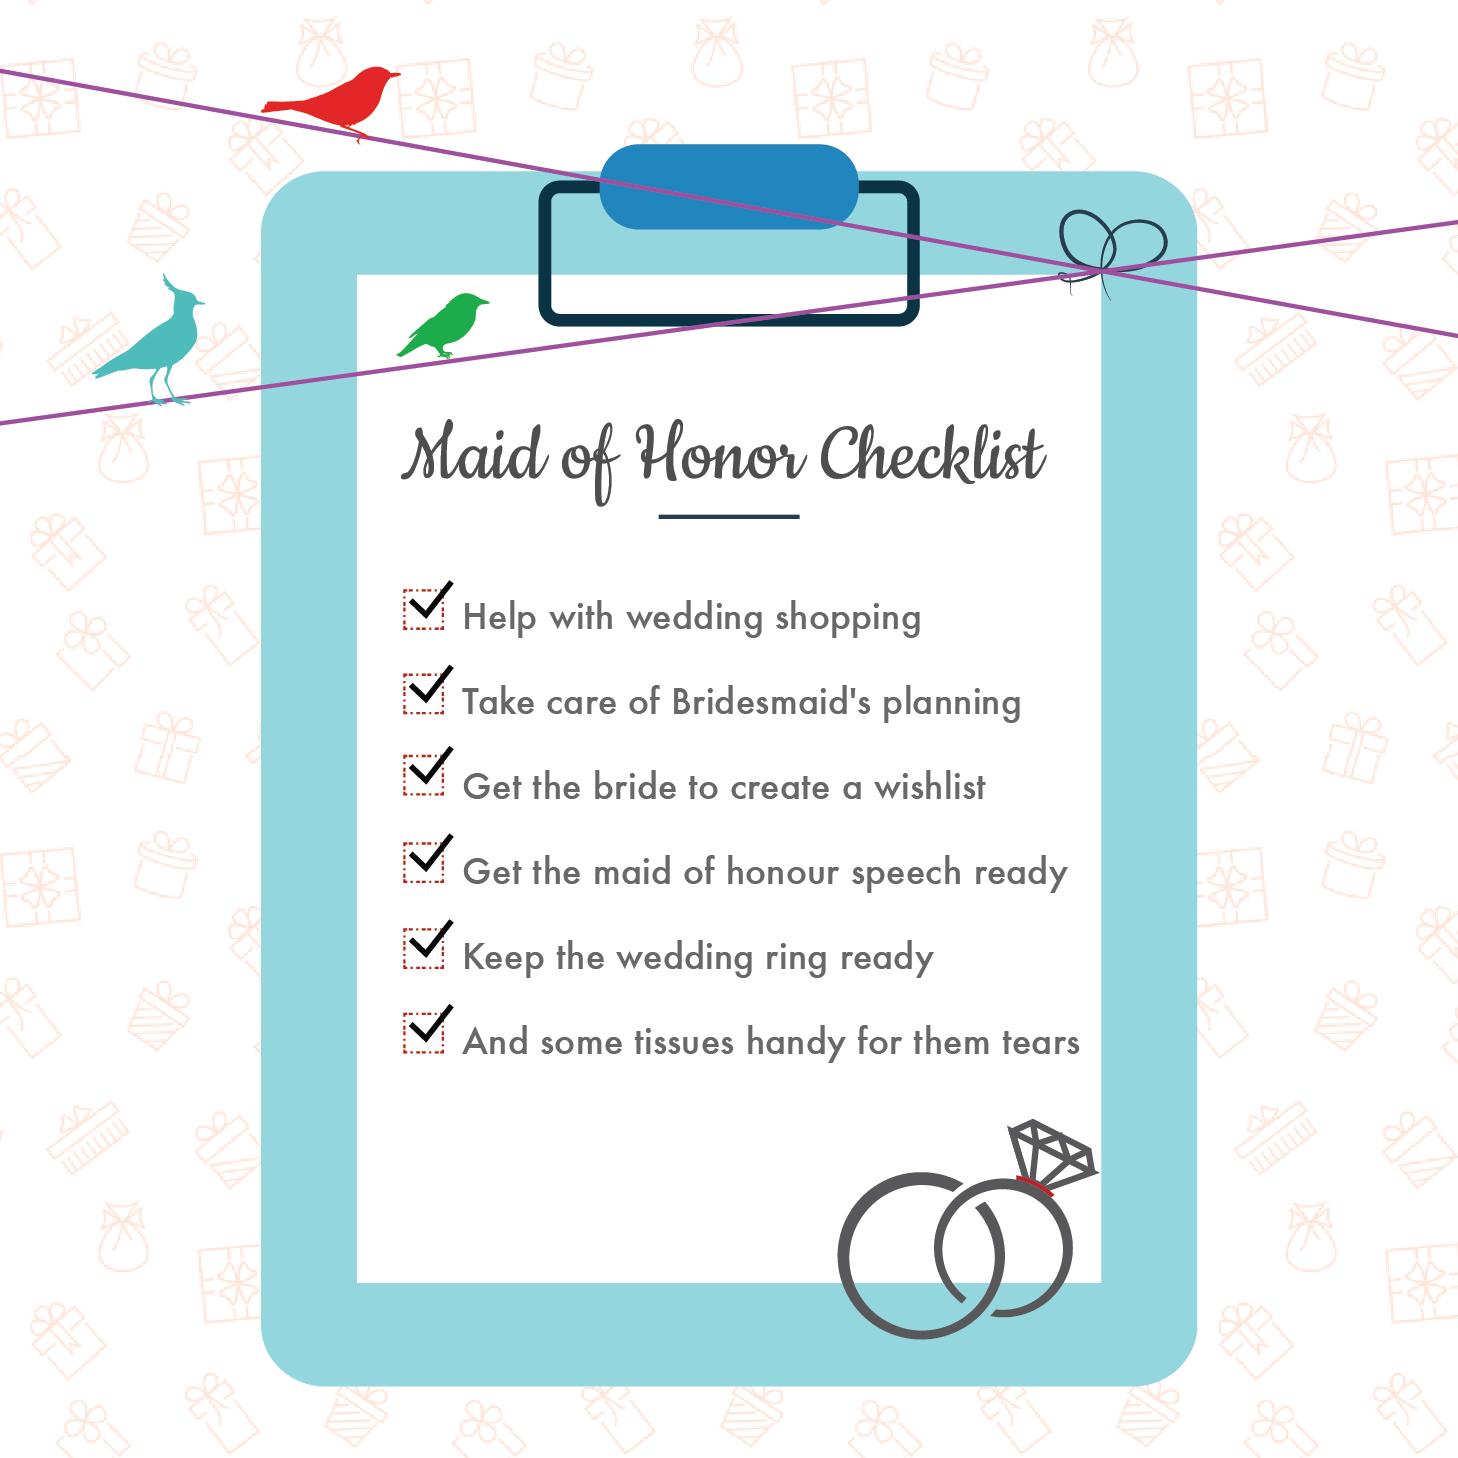 Wedding Planner Gift Registry Checklist Online Wedding Gifts How To Plan Wedding Planning